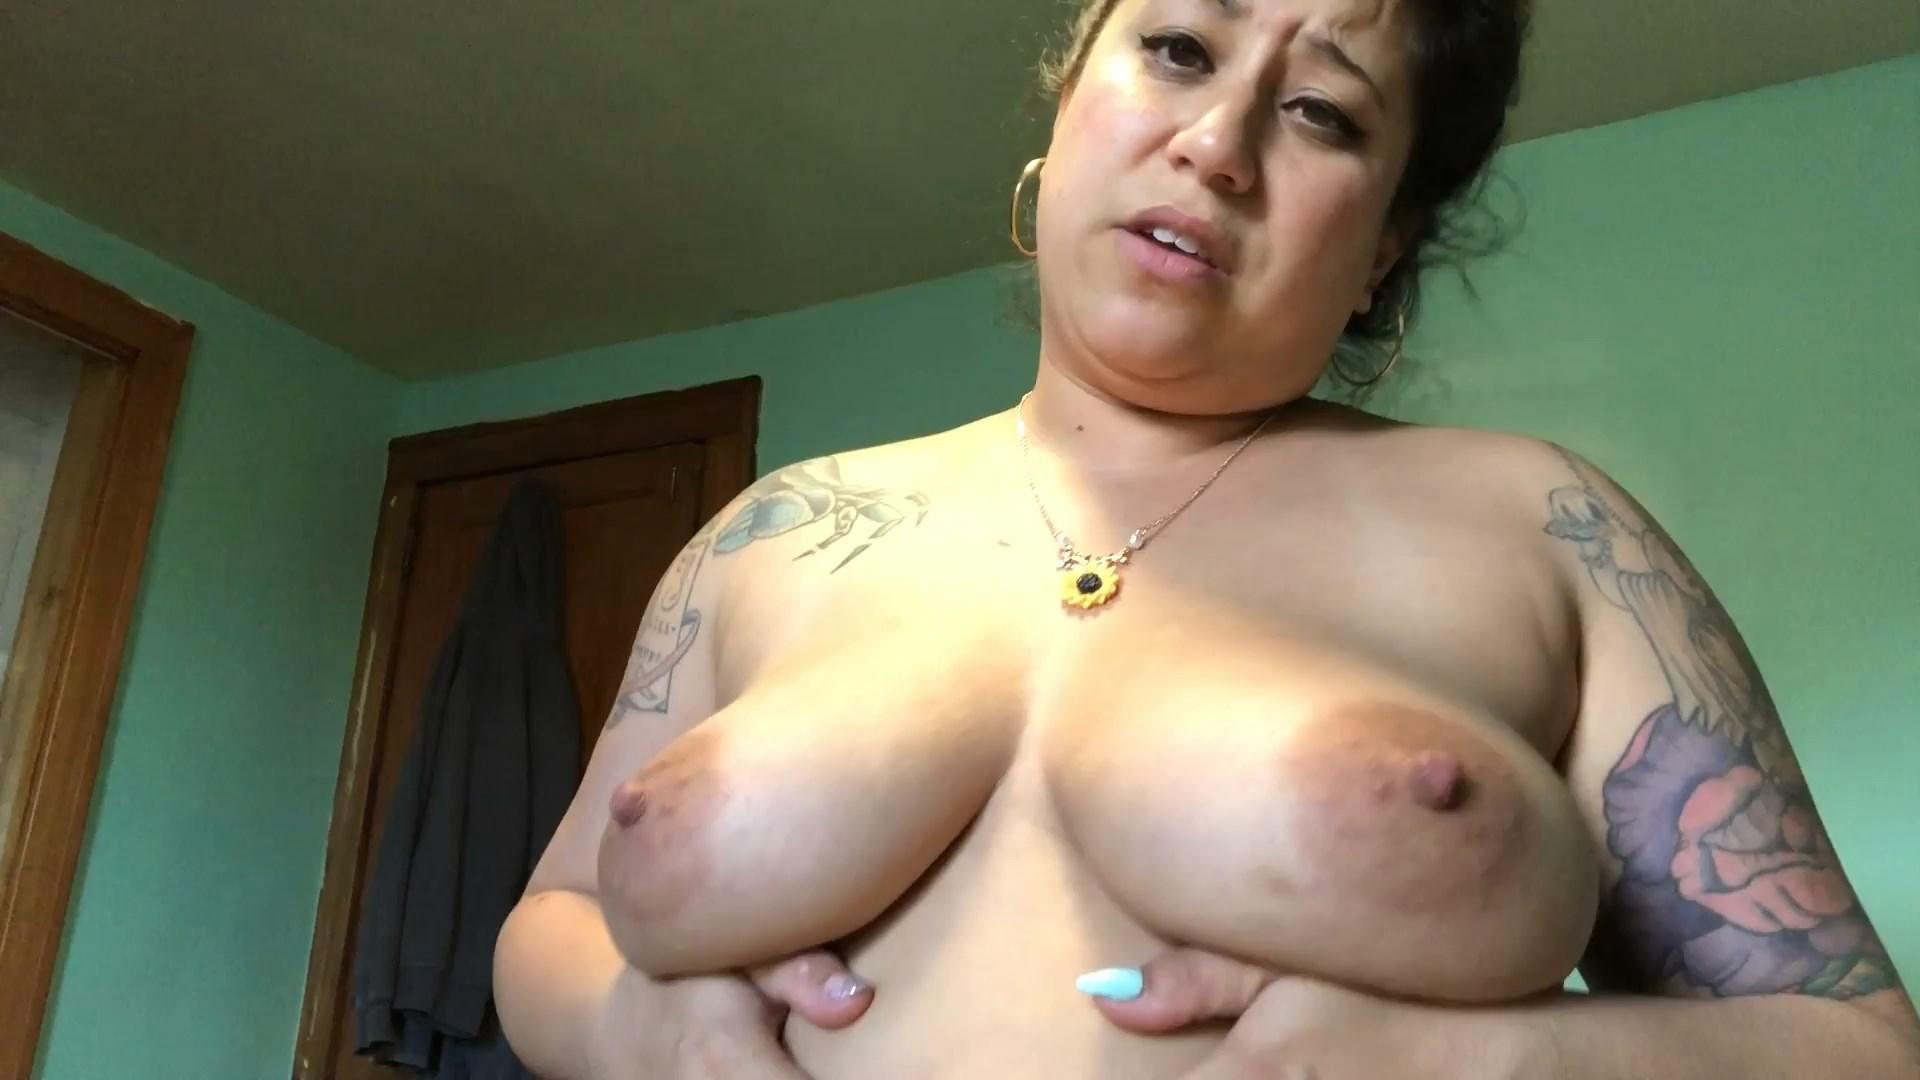 Ellie Boulder - Burping Your Mommy